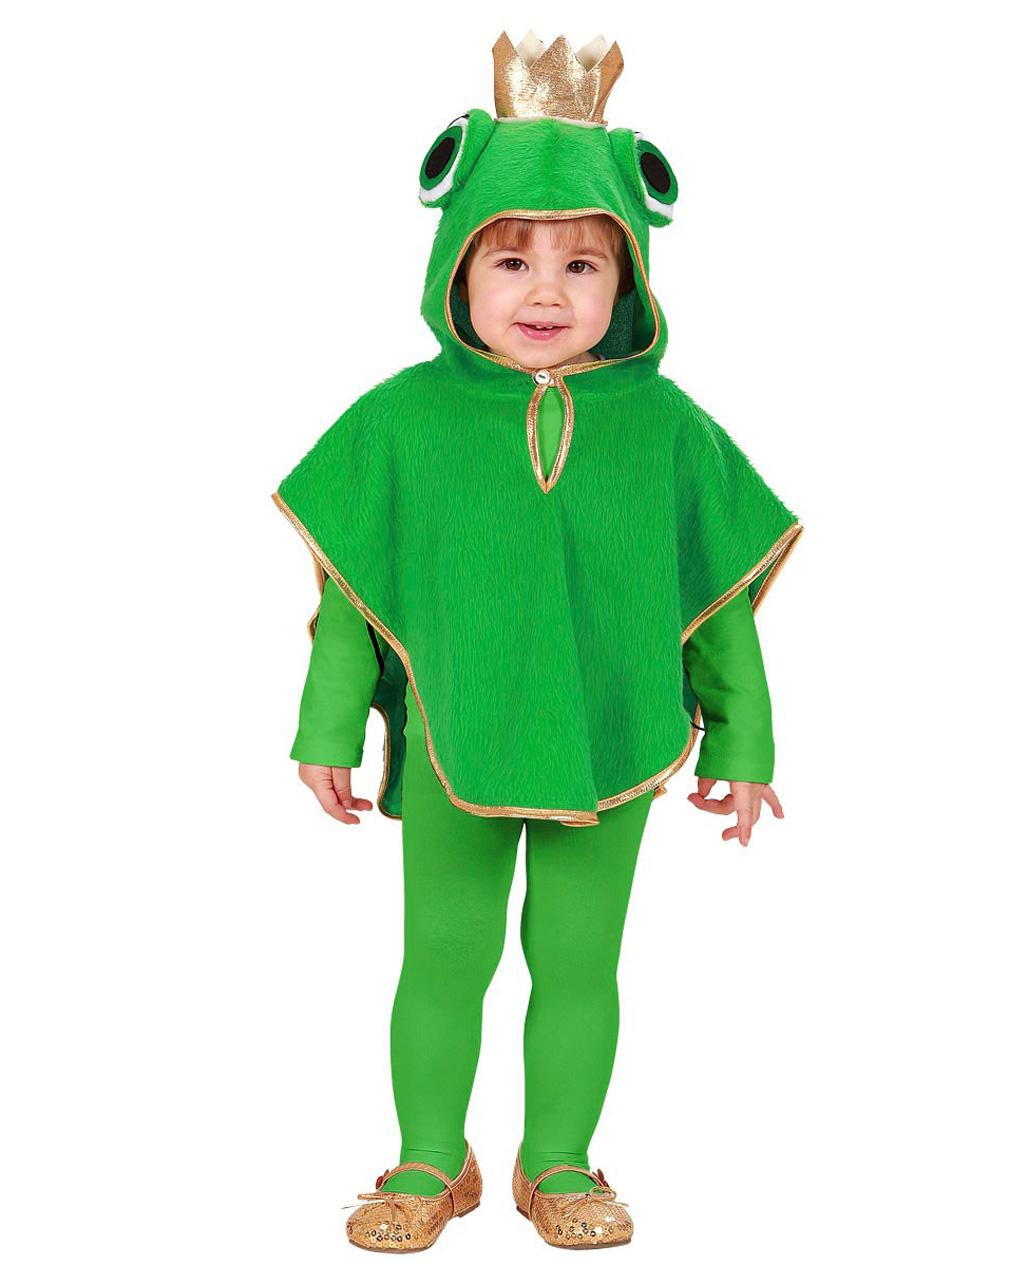 Froschkonig Kleinkinder Kostum Marchenkostum Horror Shop Com